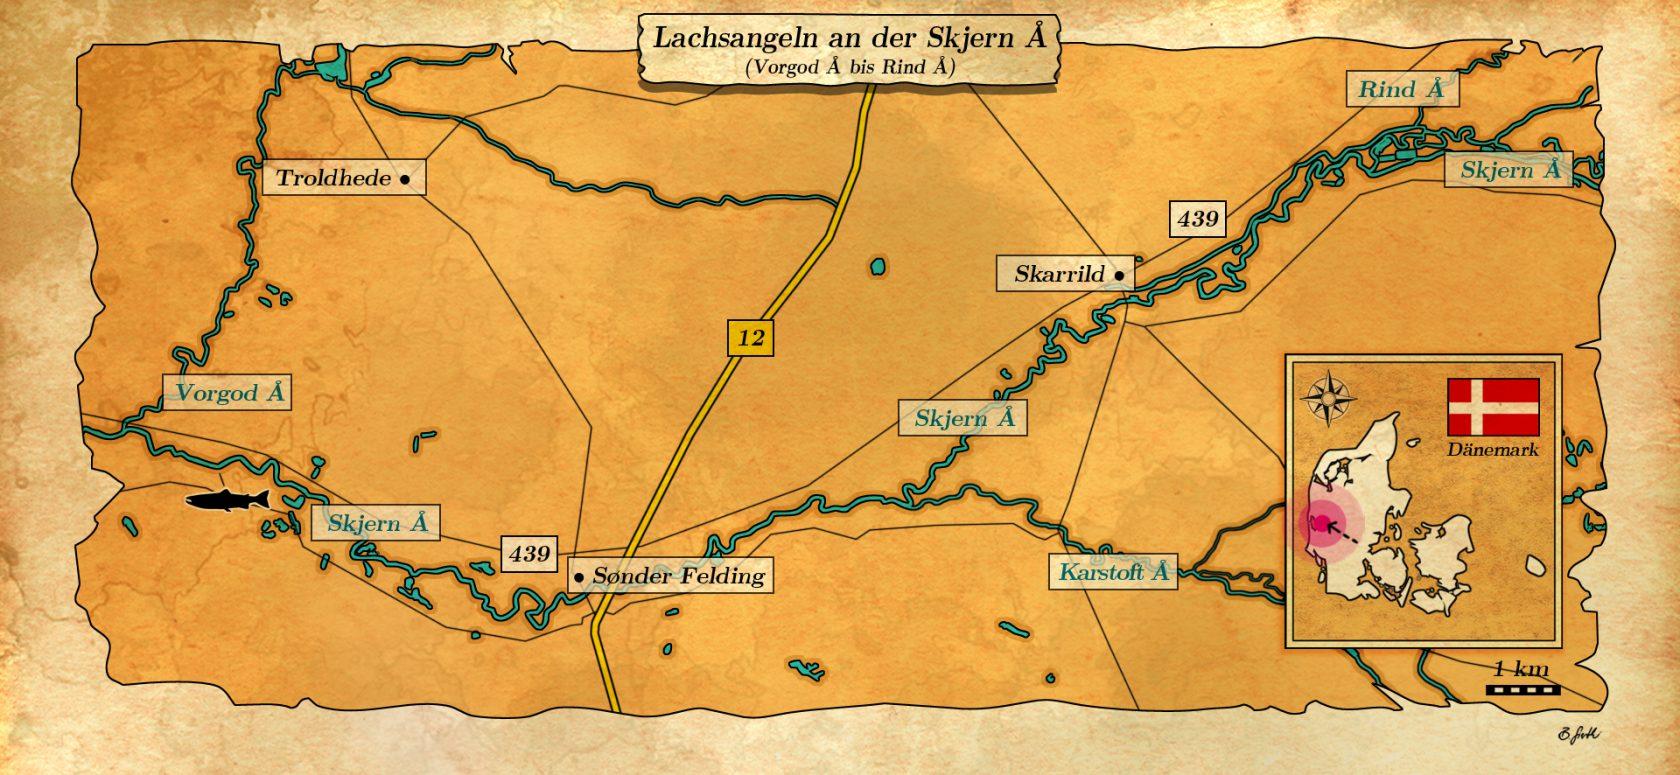 karte Lachsangeln an der Skjern Au